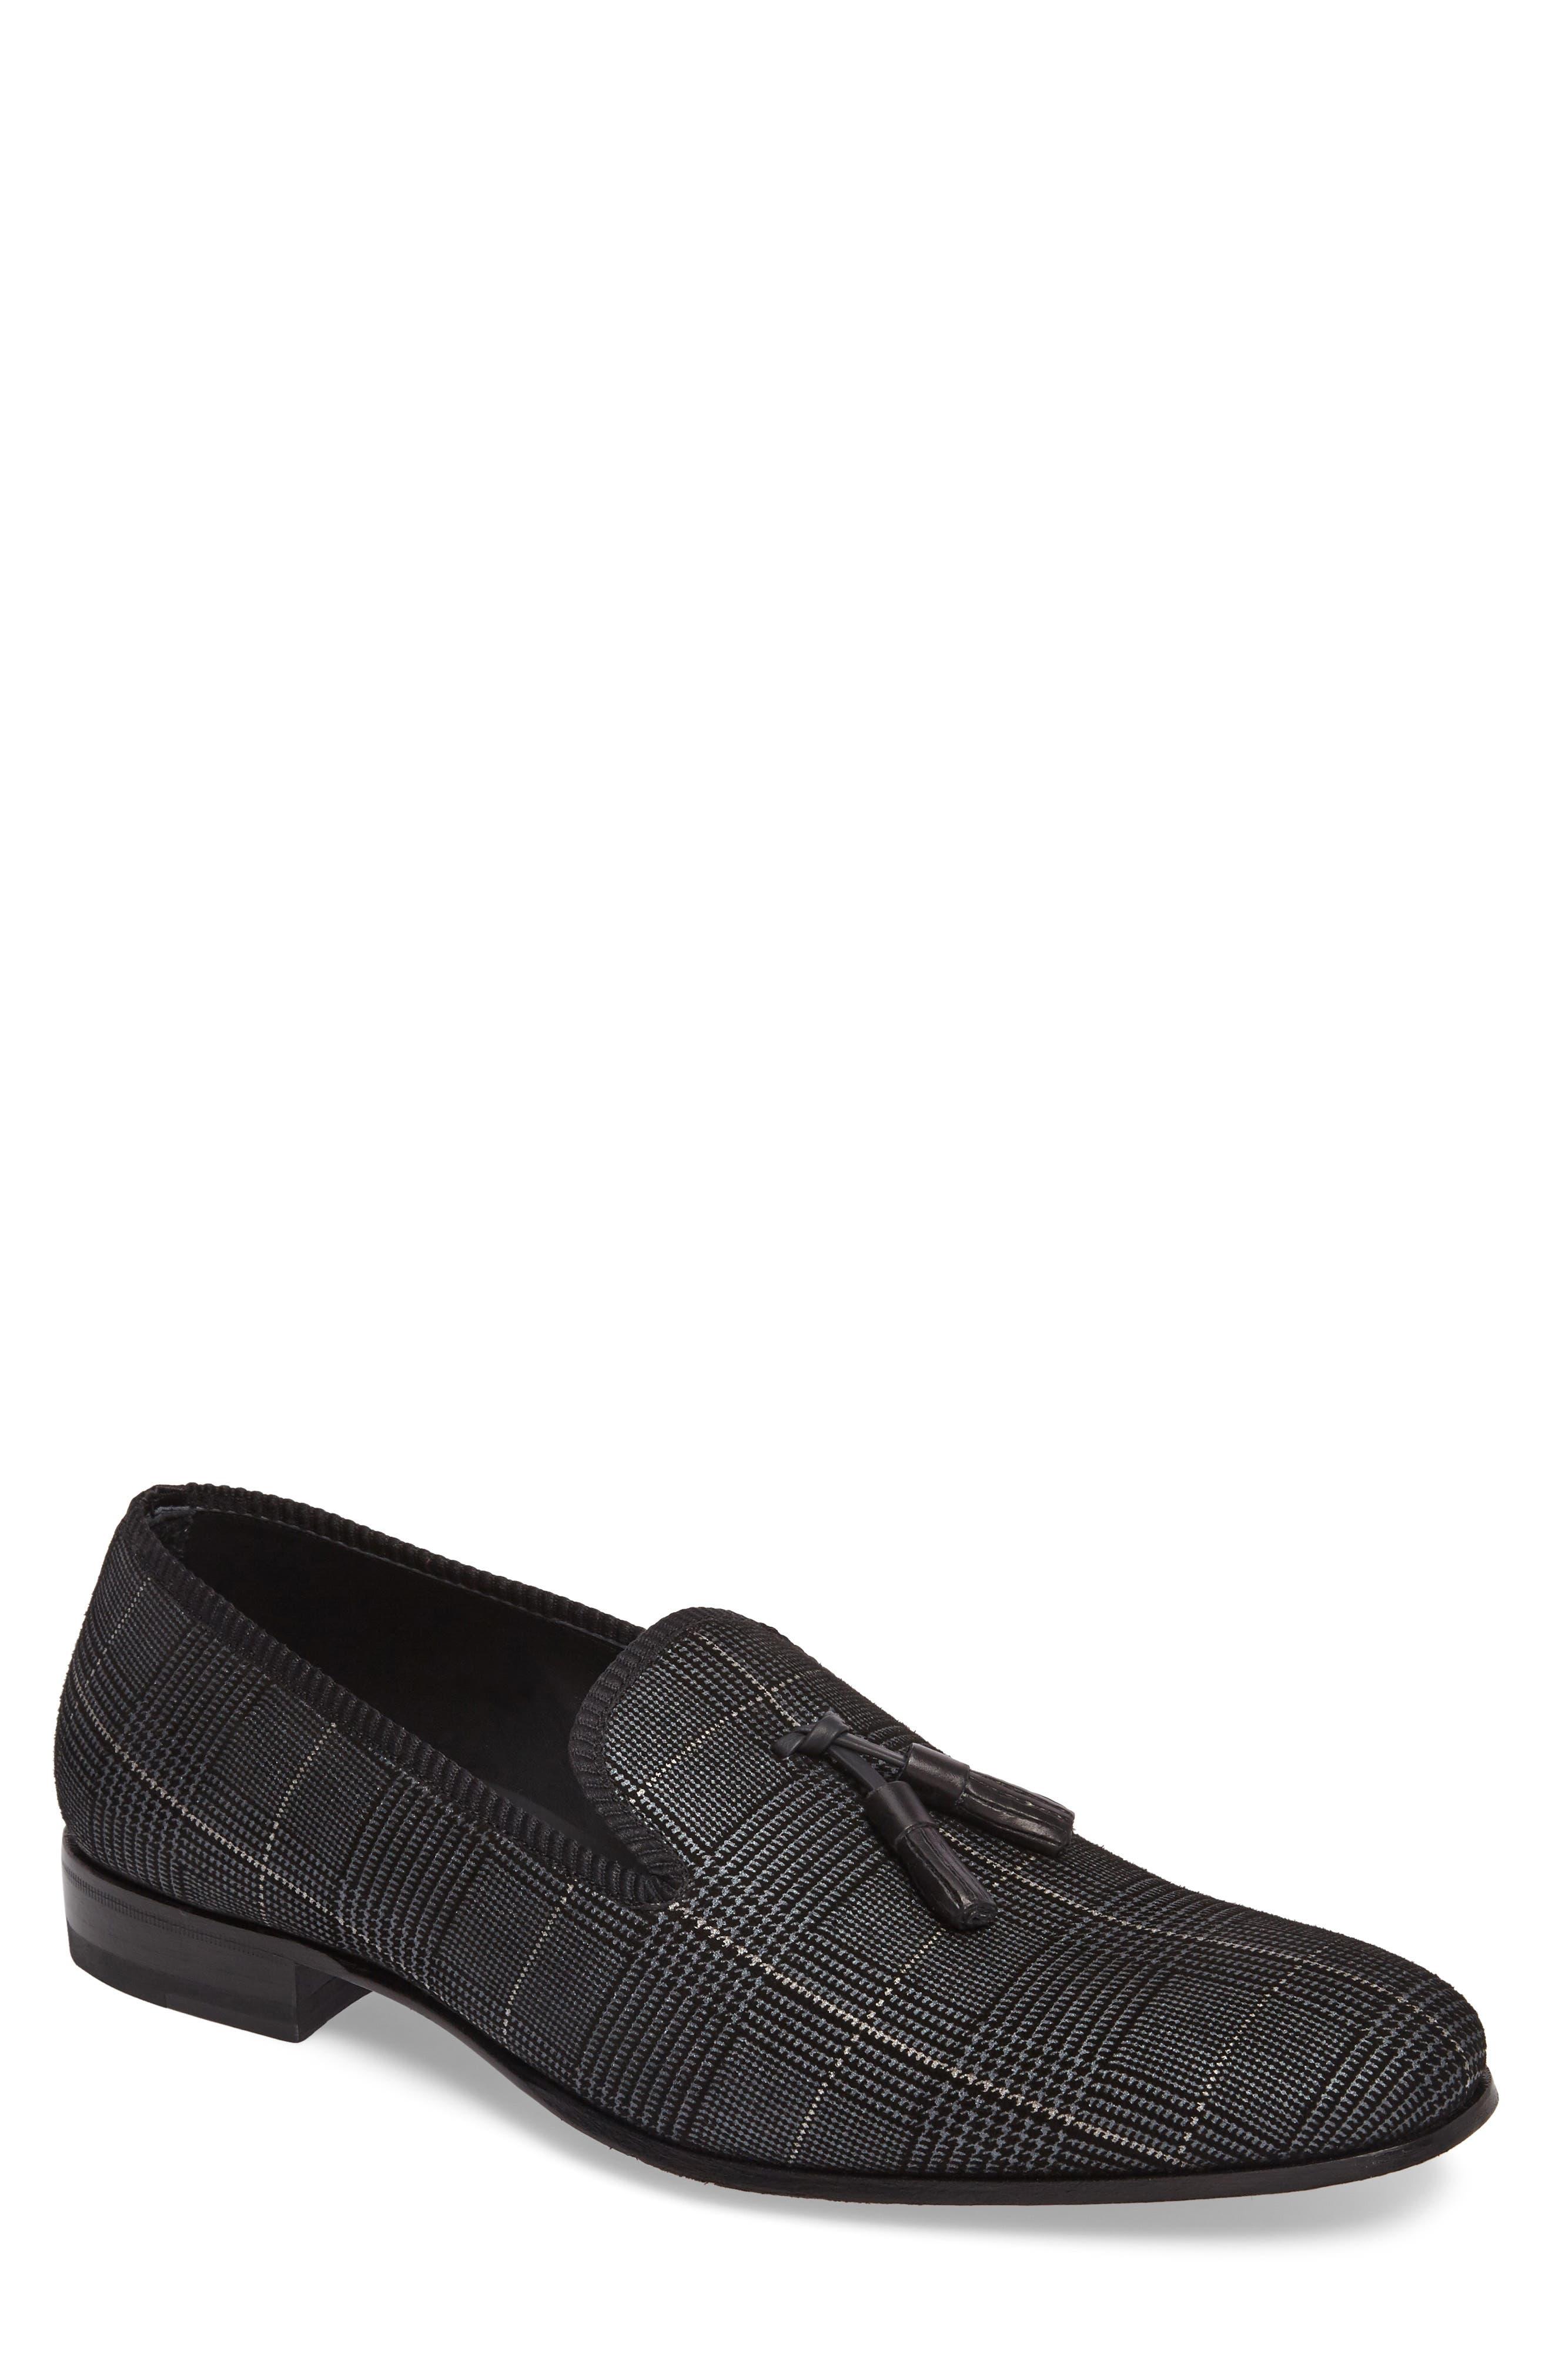 Motril Tassel Loafer,                         Main,                         color, BLACK SUEDE